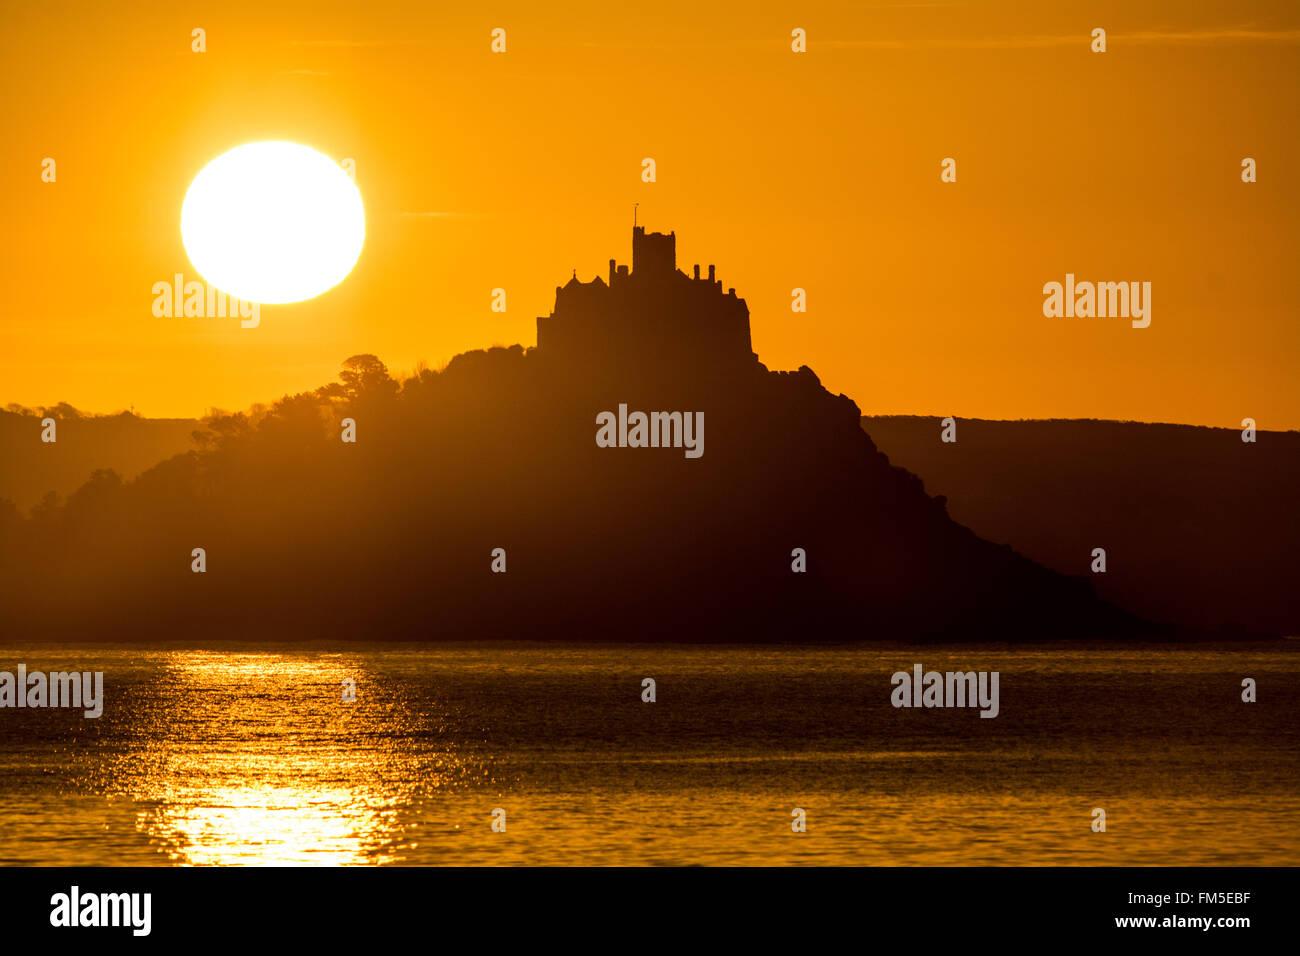 Penzance, Cornwall, UK. 11. März 2016. Großbritannien Wetter. Sonnenaufgang in Penzance. Bildnachweis: Simon Maycock/Alamy Live-Nachrichten Stockfoto